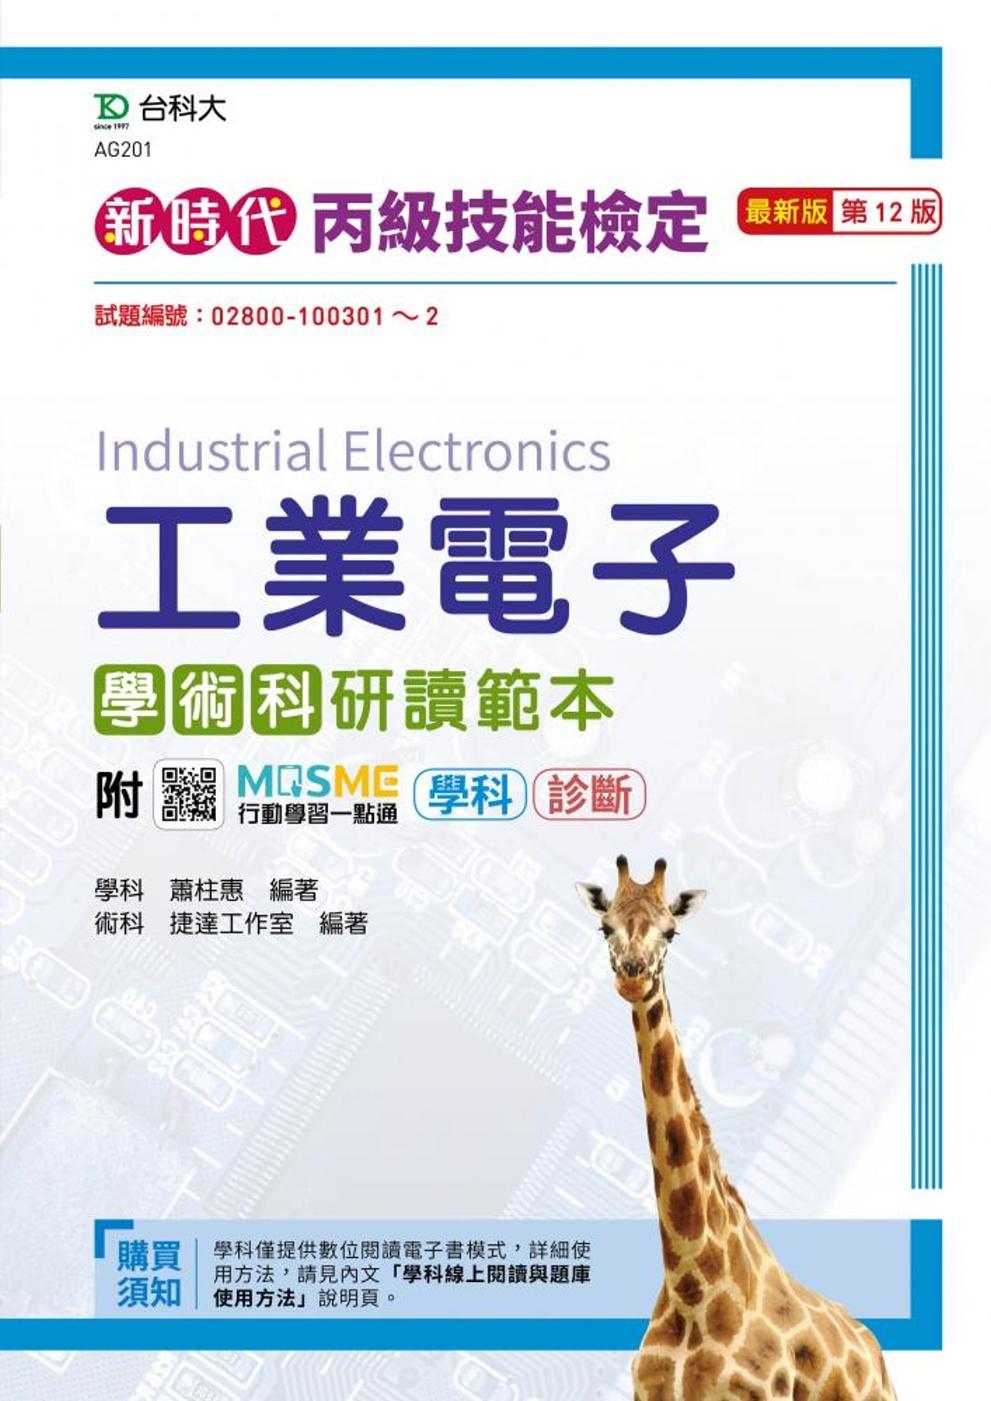 新時代 丙級工業電子學術科研讀...